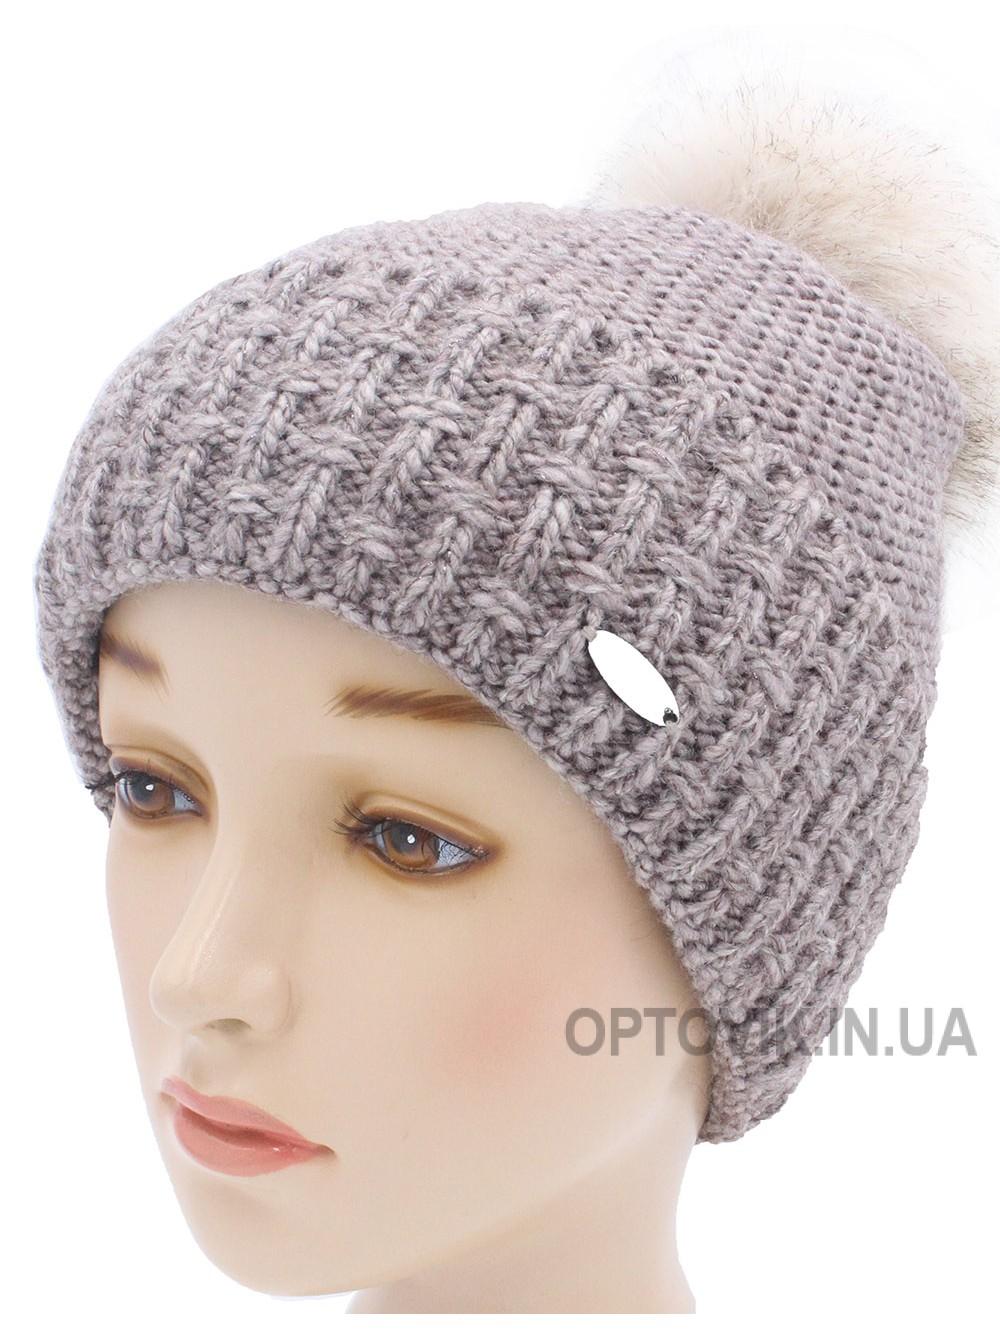 Детская вязаная шапка София W21130-50-56